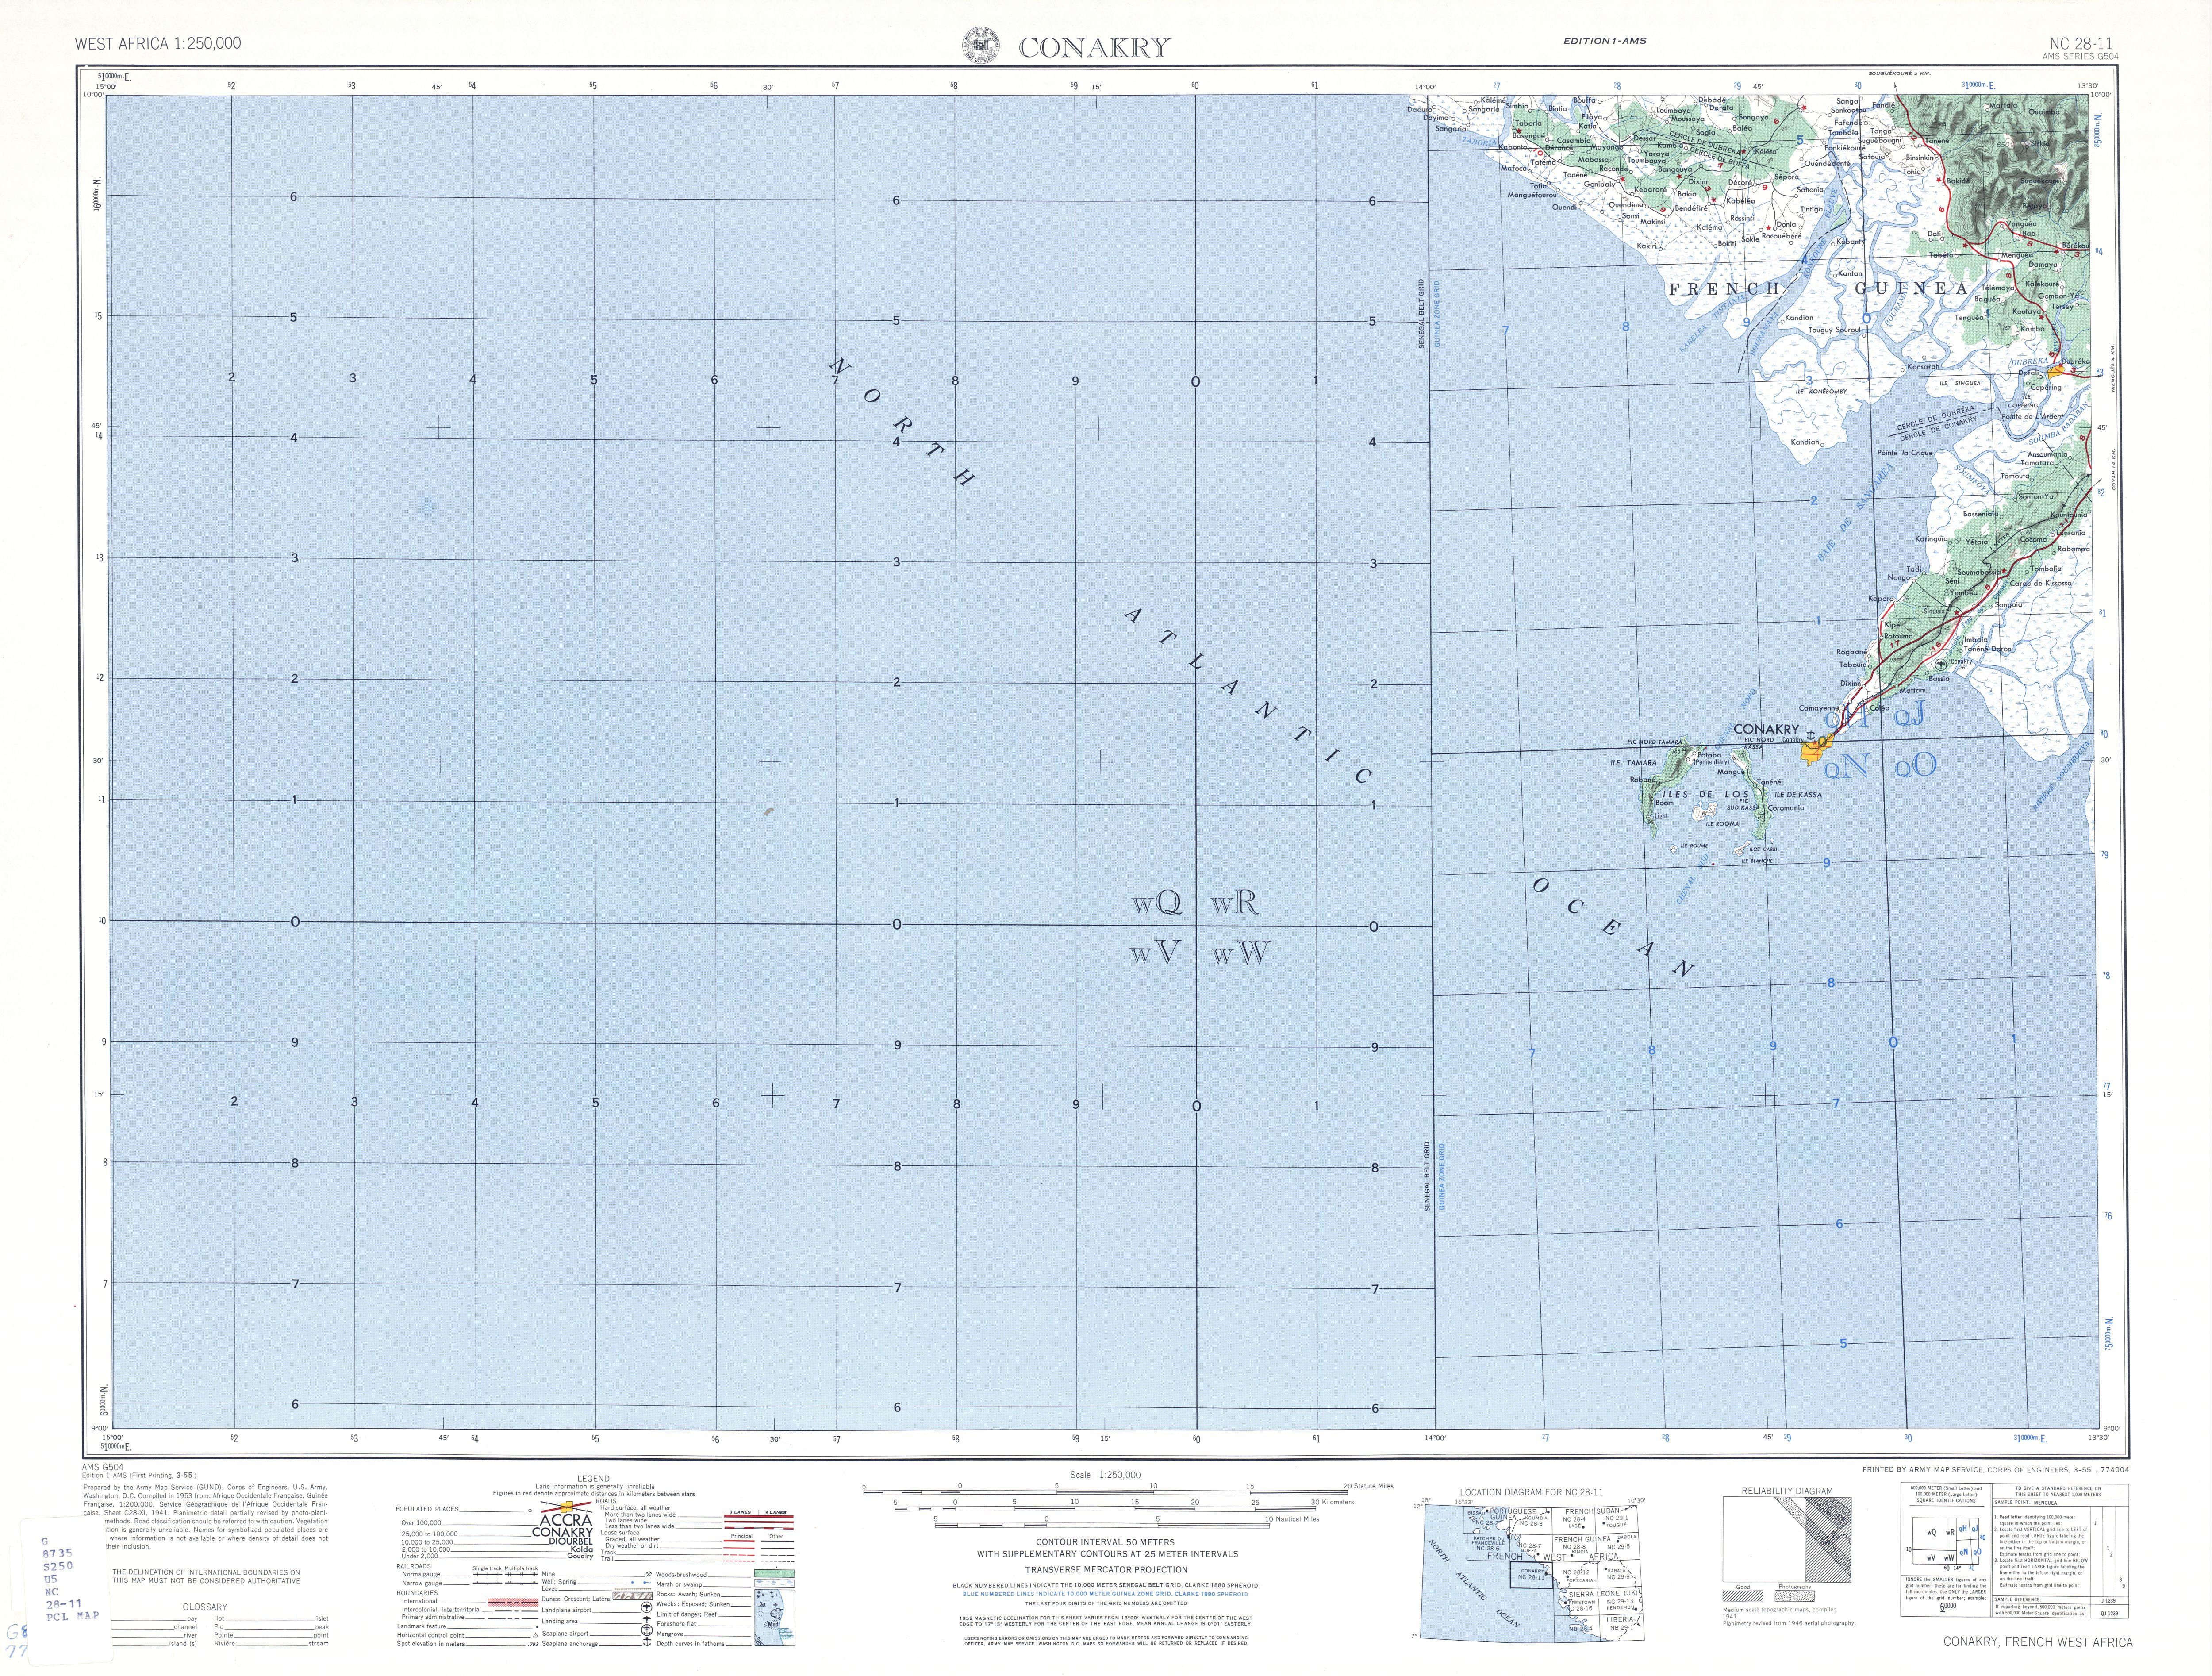 Hoja Conakry del Mapa Topográfico de África Occidental 1955